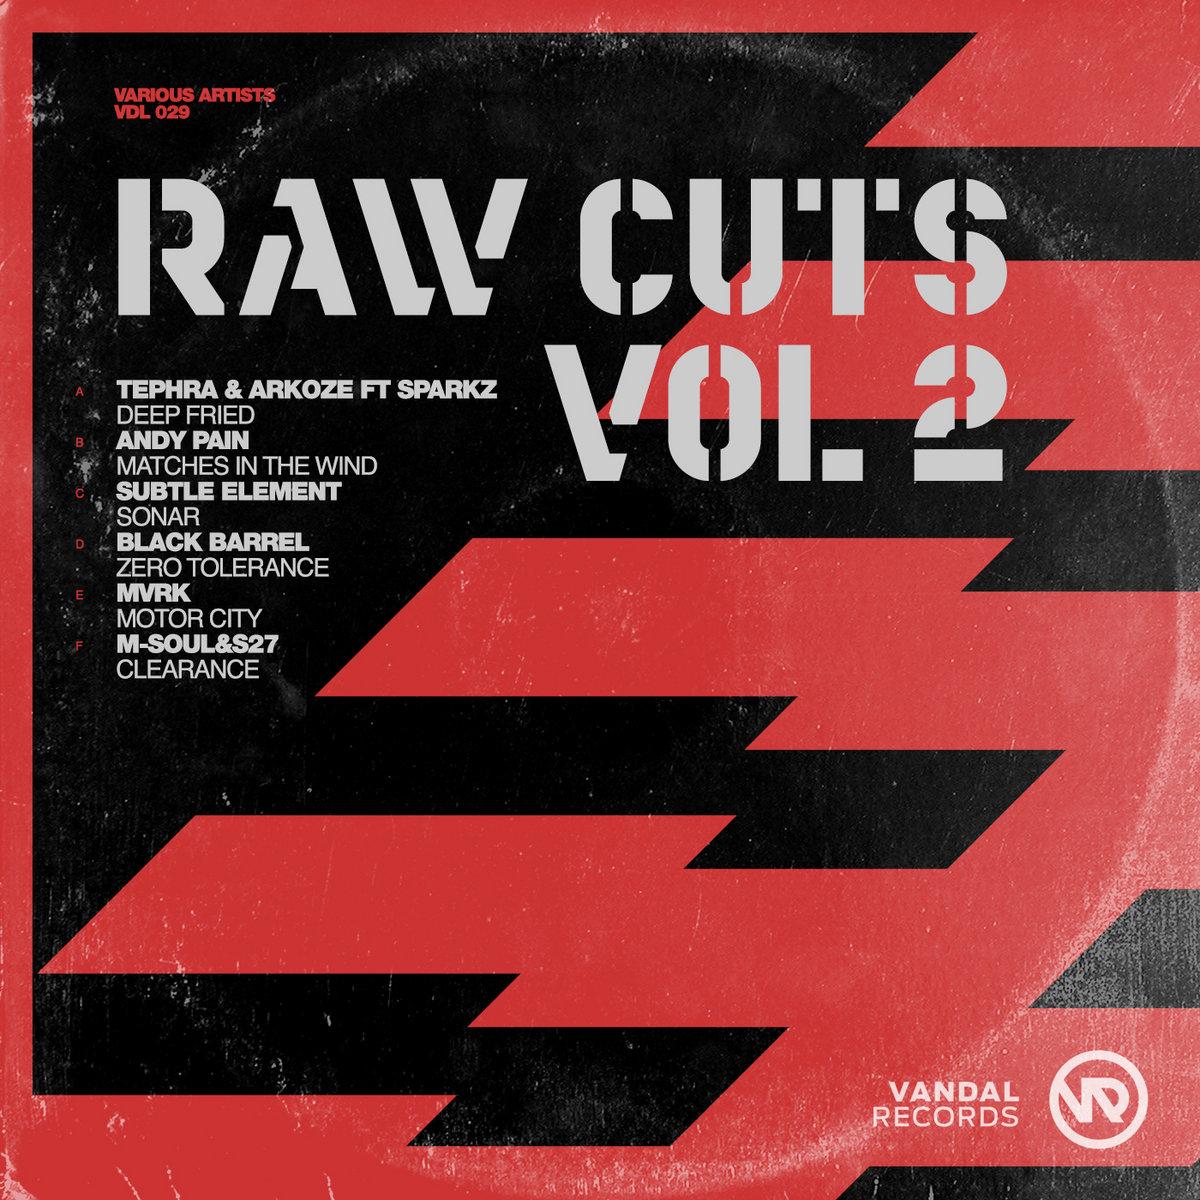 VDL 029 - Various Artists - Raw Cuts Vol . 2